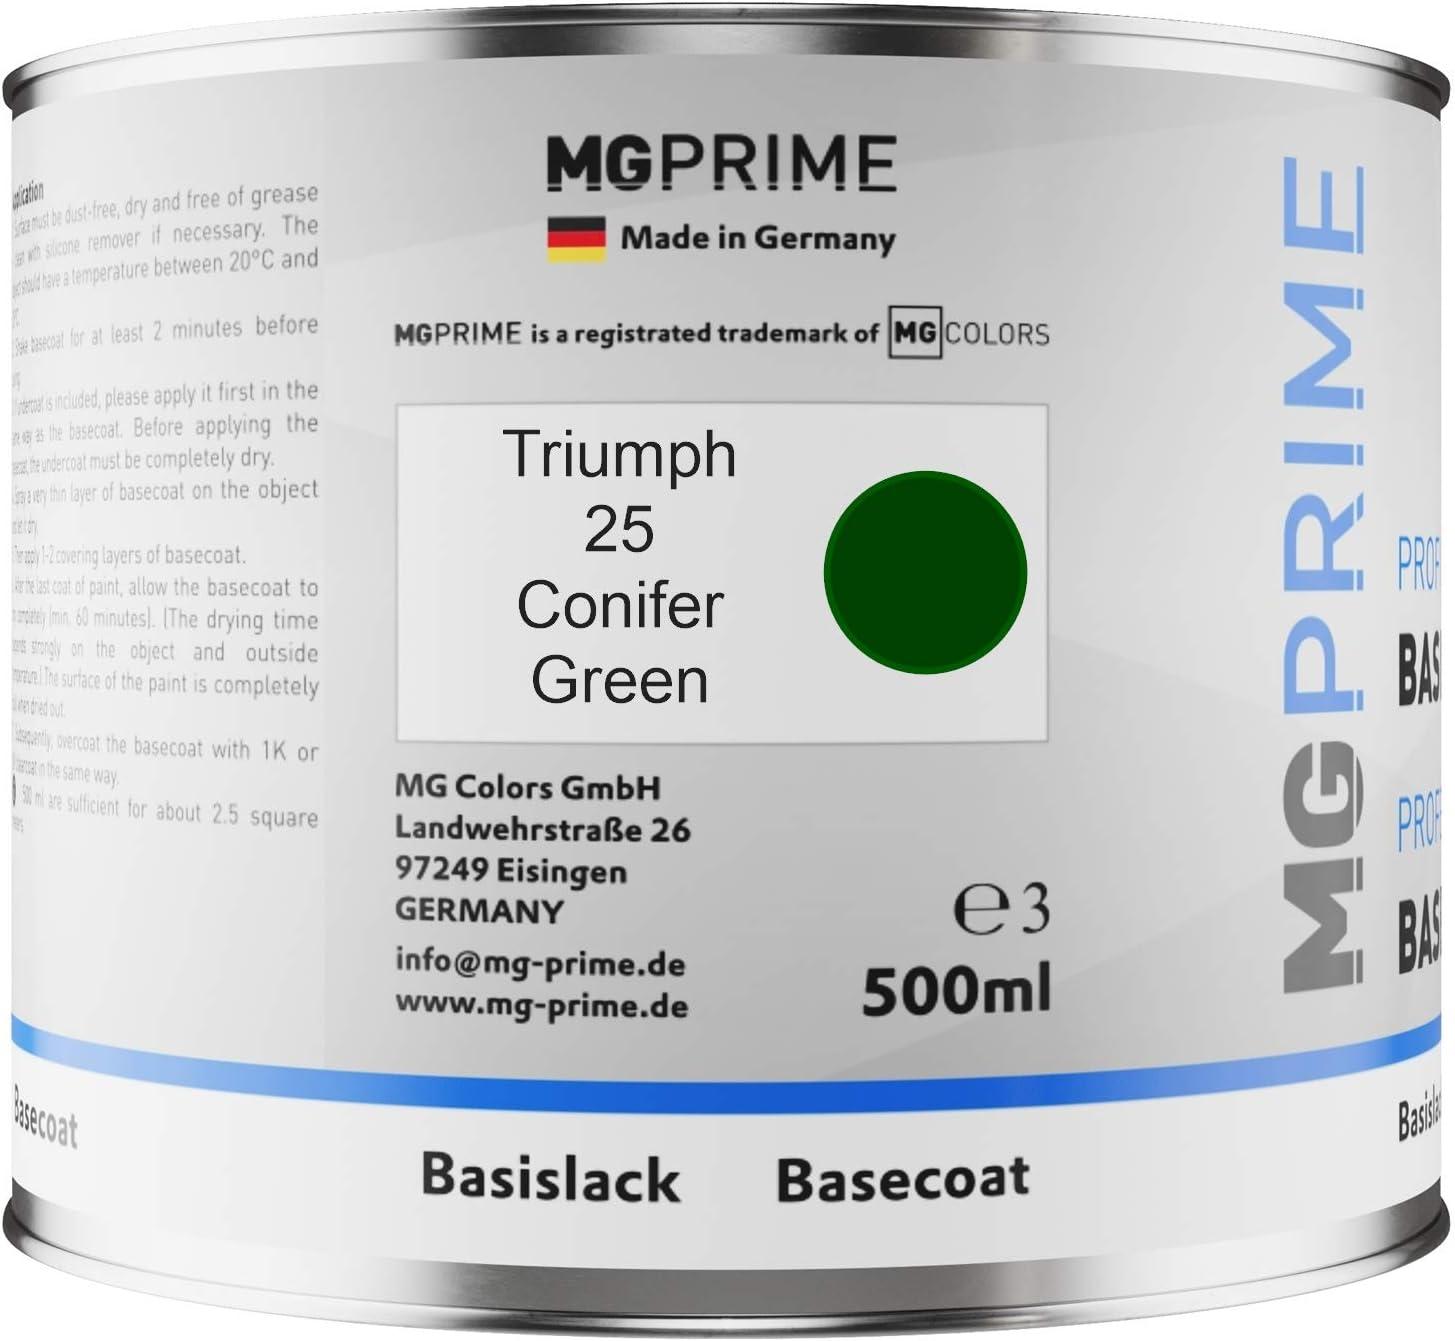 Mg Prime Autolack Dose Spritzfertig Für Triumph 25 Conifer Green Basislack 0 5 Liter 500ml Auto